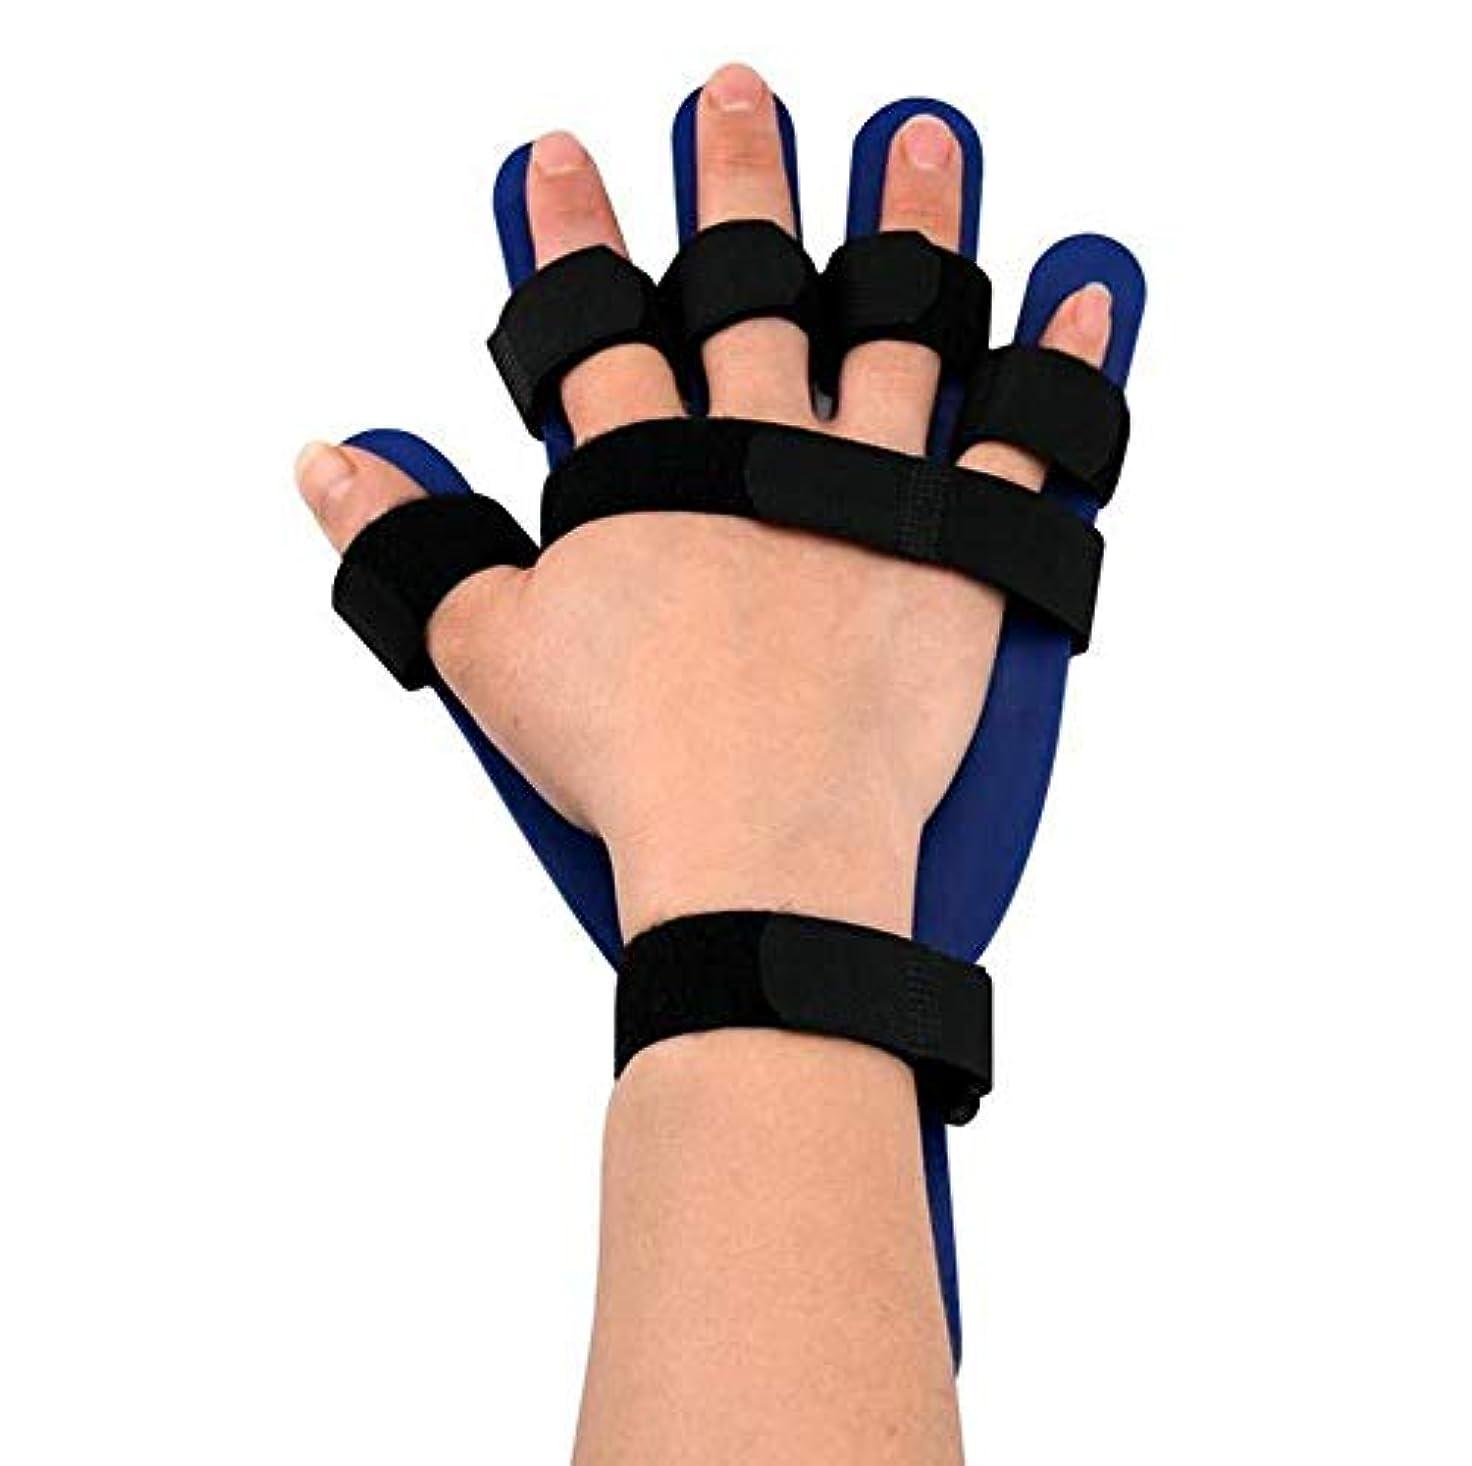 動機期限頬親指サポートトリガーフィンガースプリント、右手首スプリントユニセックスフィンガープレート,Right Hand